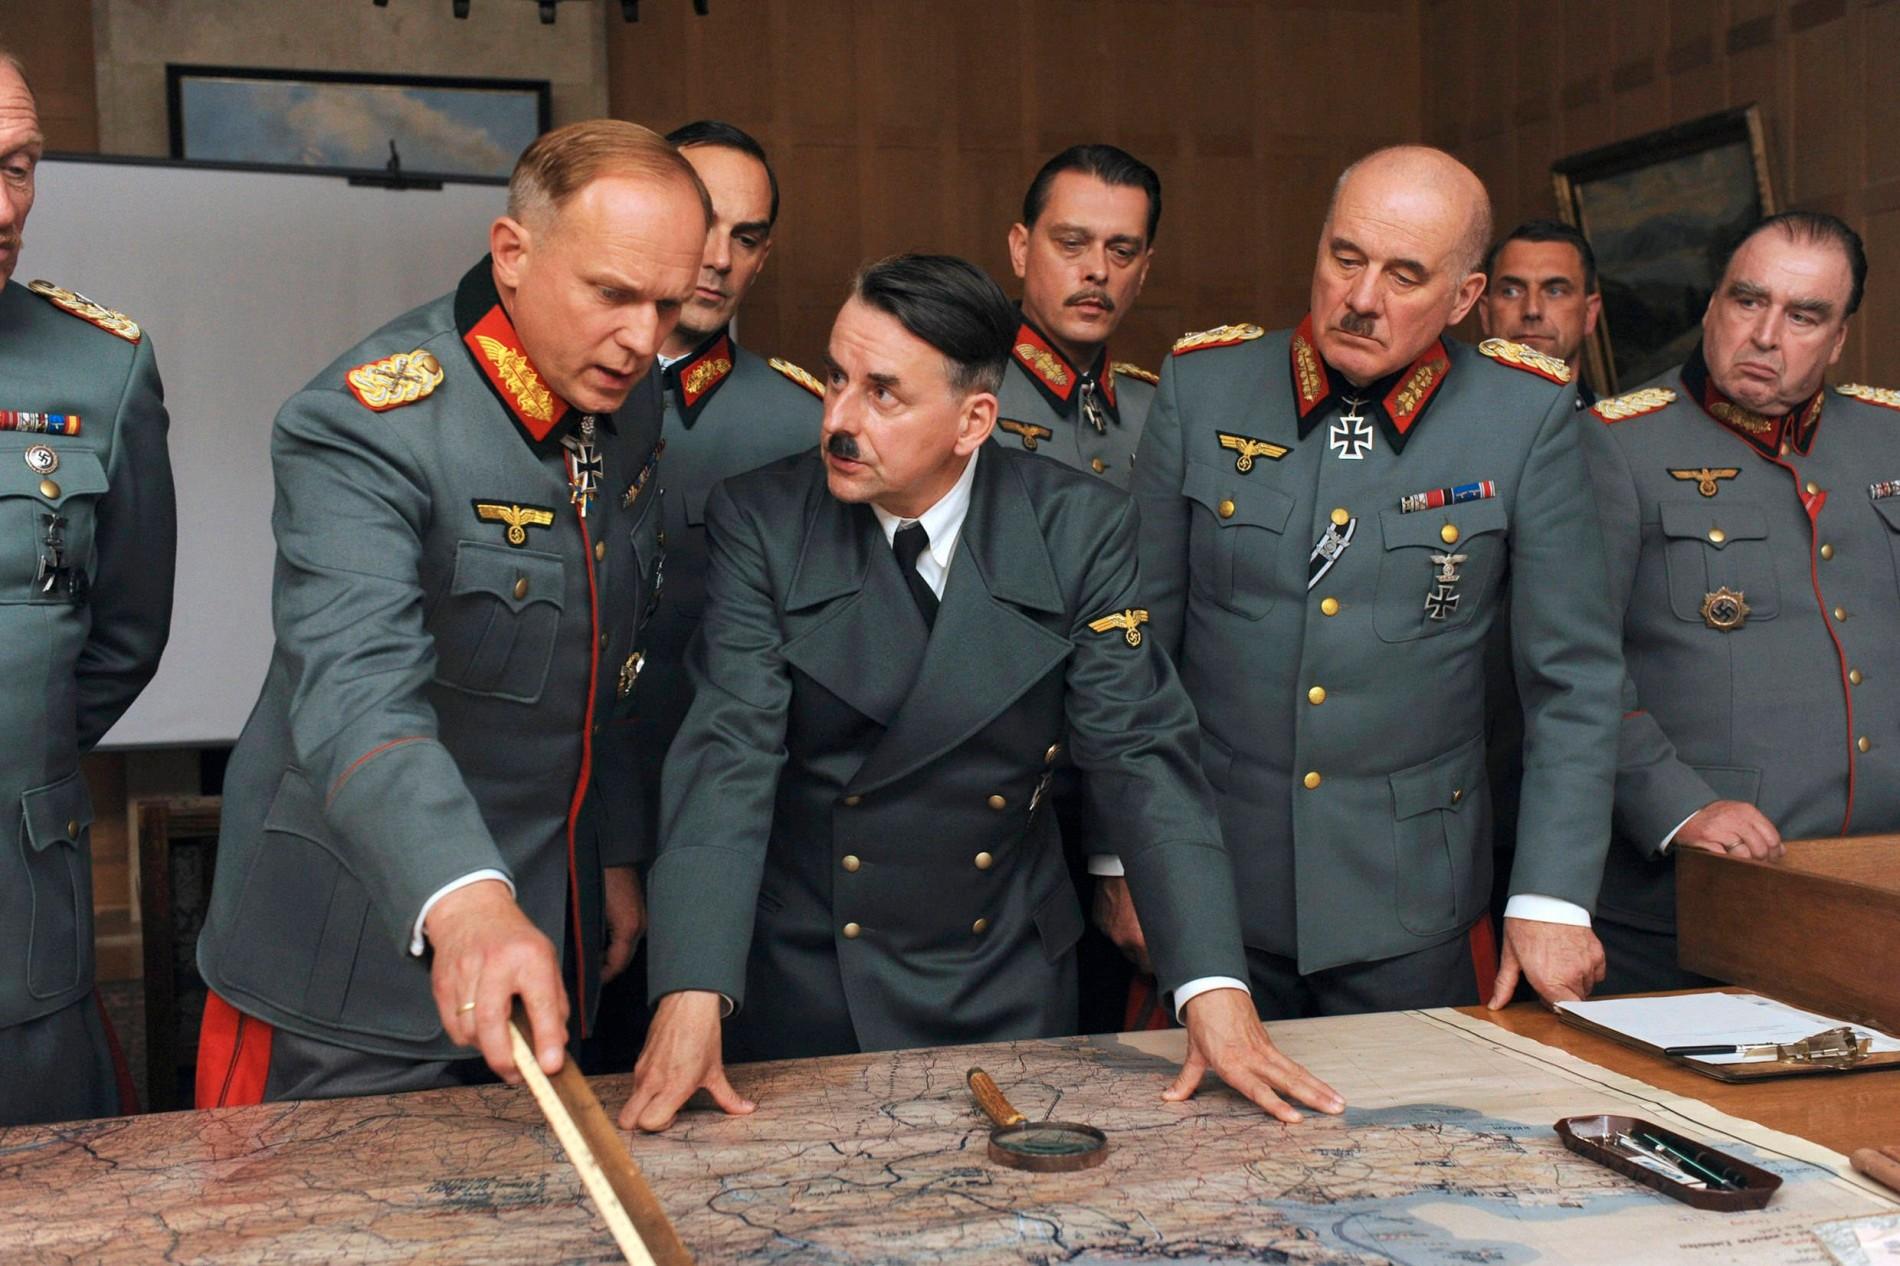 Nazis In Historienfilmen Die Macht Der Frisuren